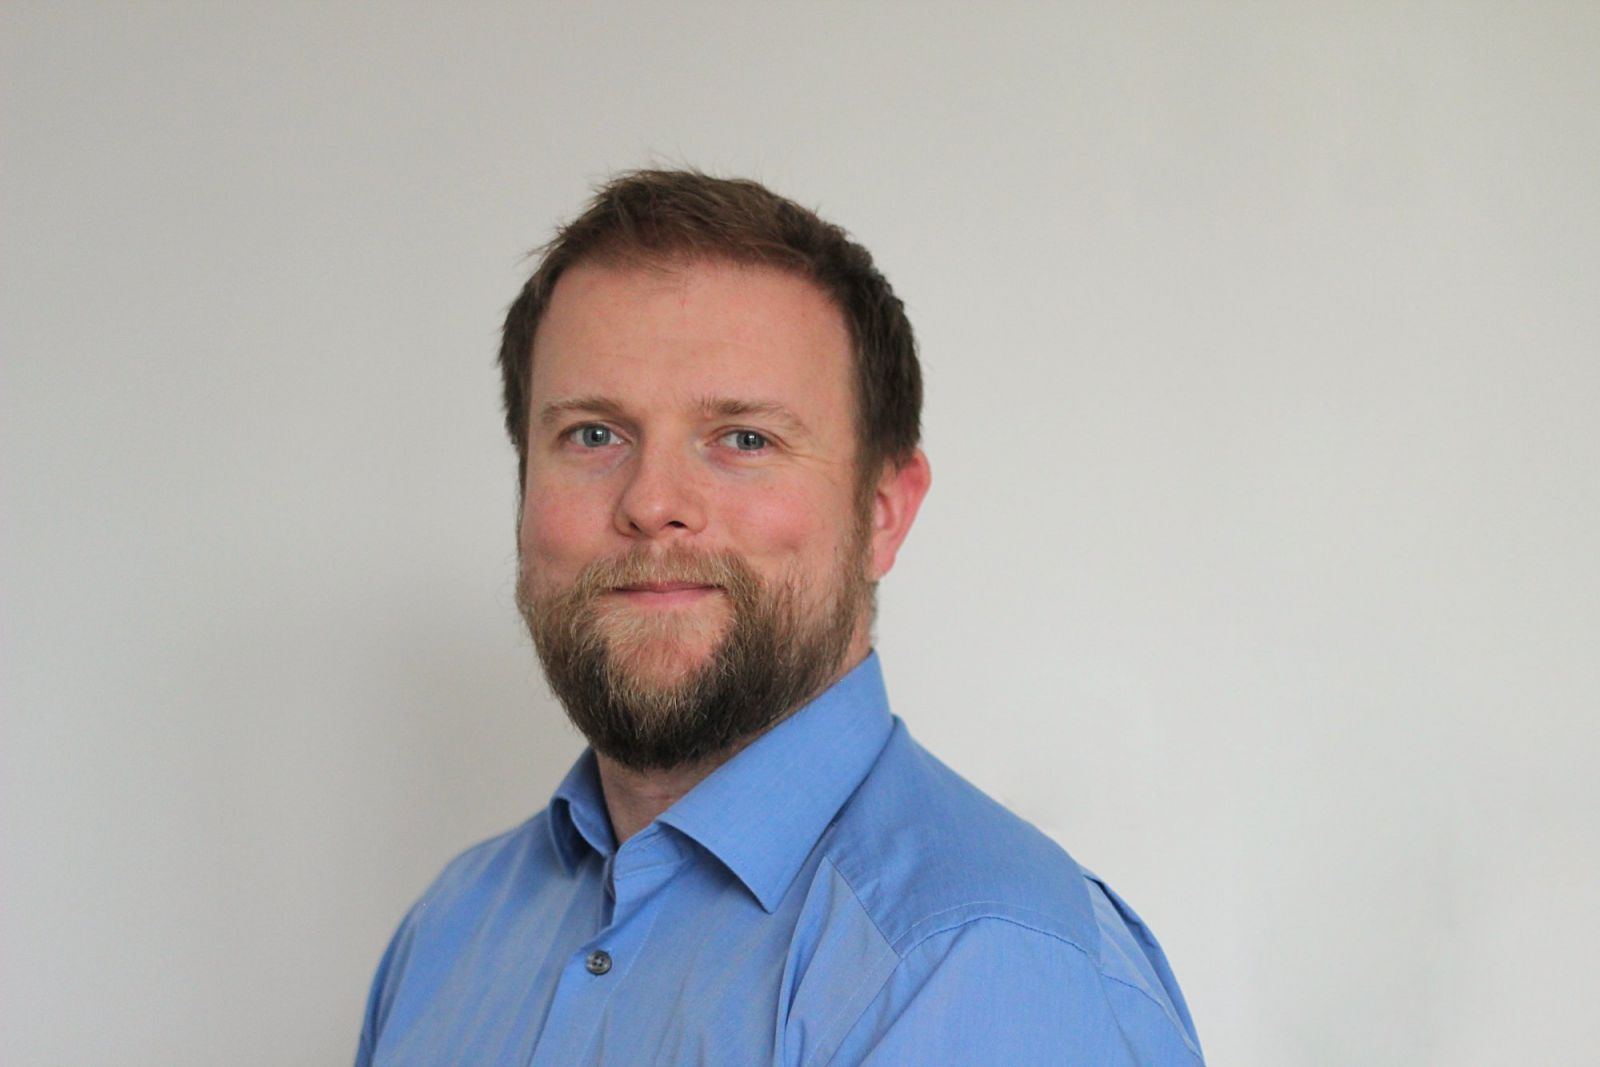 Porträt von Dr. Jan Krüger, Forschungskoordinator Fachbereich 2.